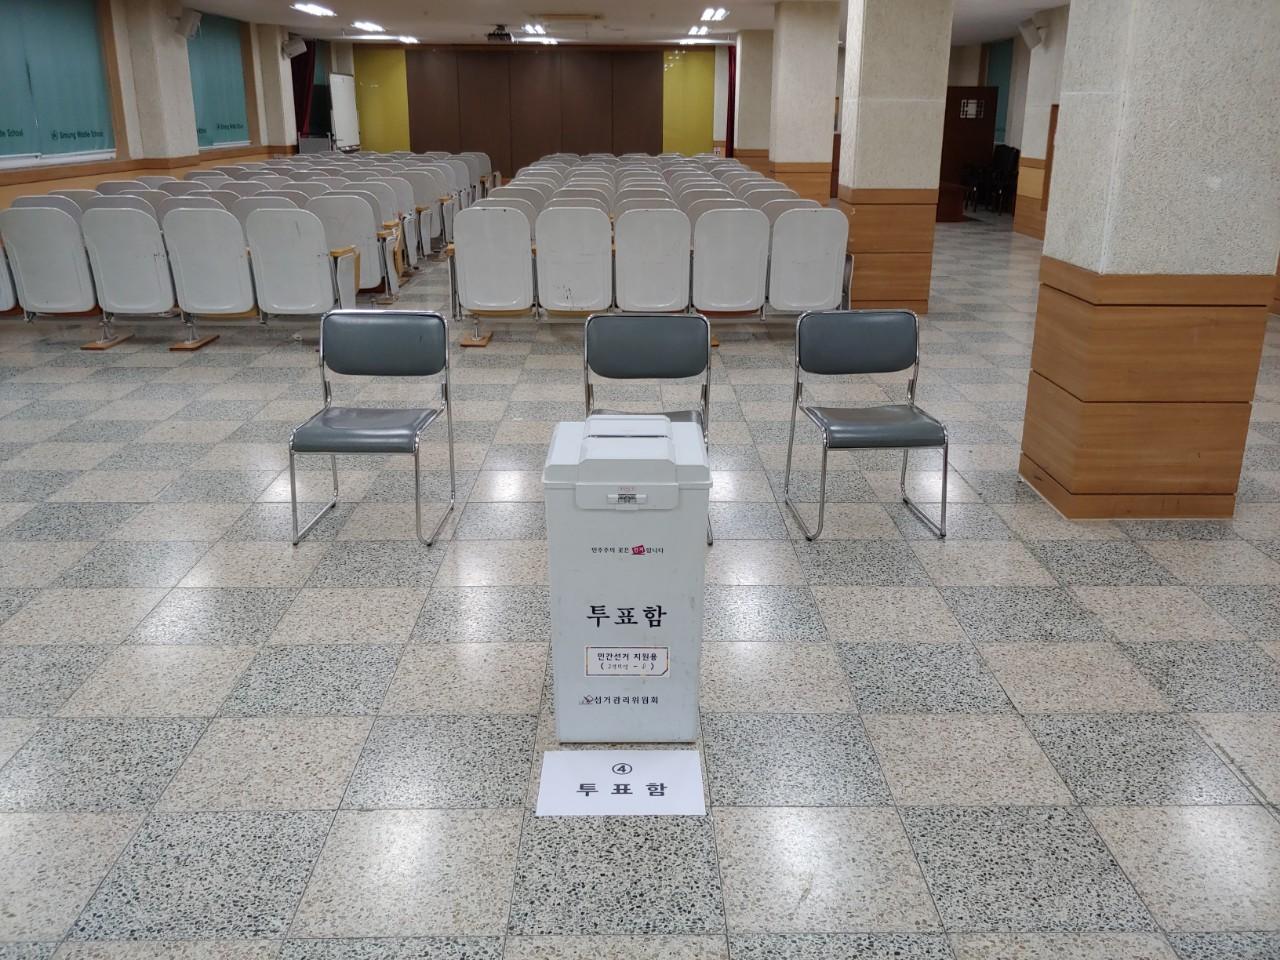 [일반] 2020학년도 신능중 학생회장·부회장 선거운동 및 후보 토론회의 첨부이미지 10